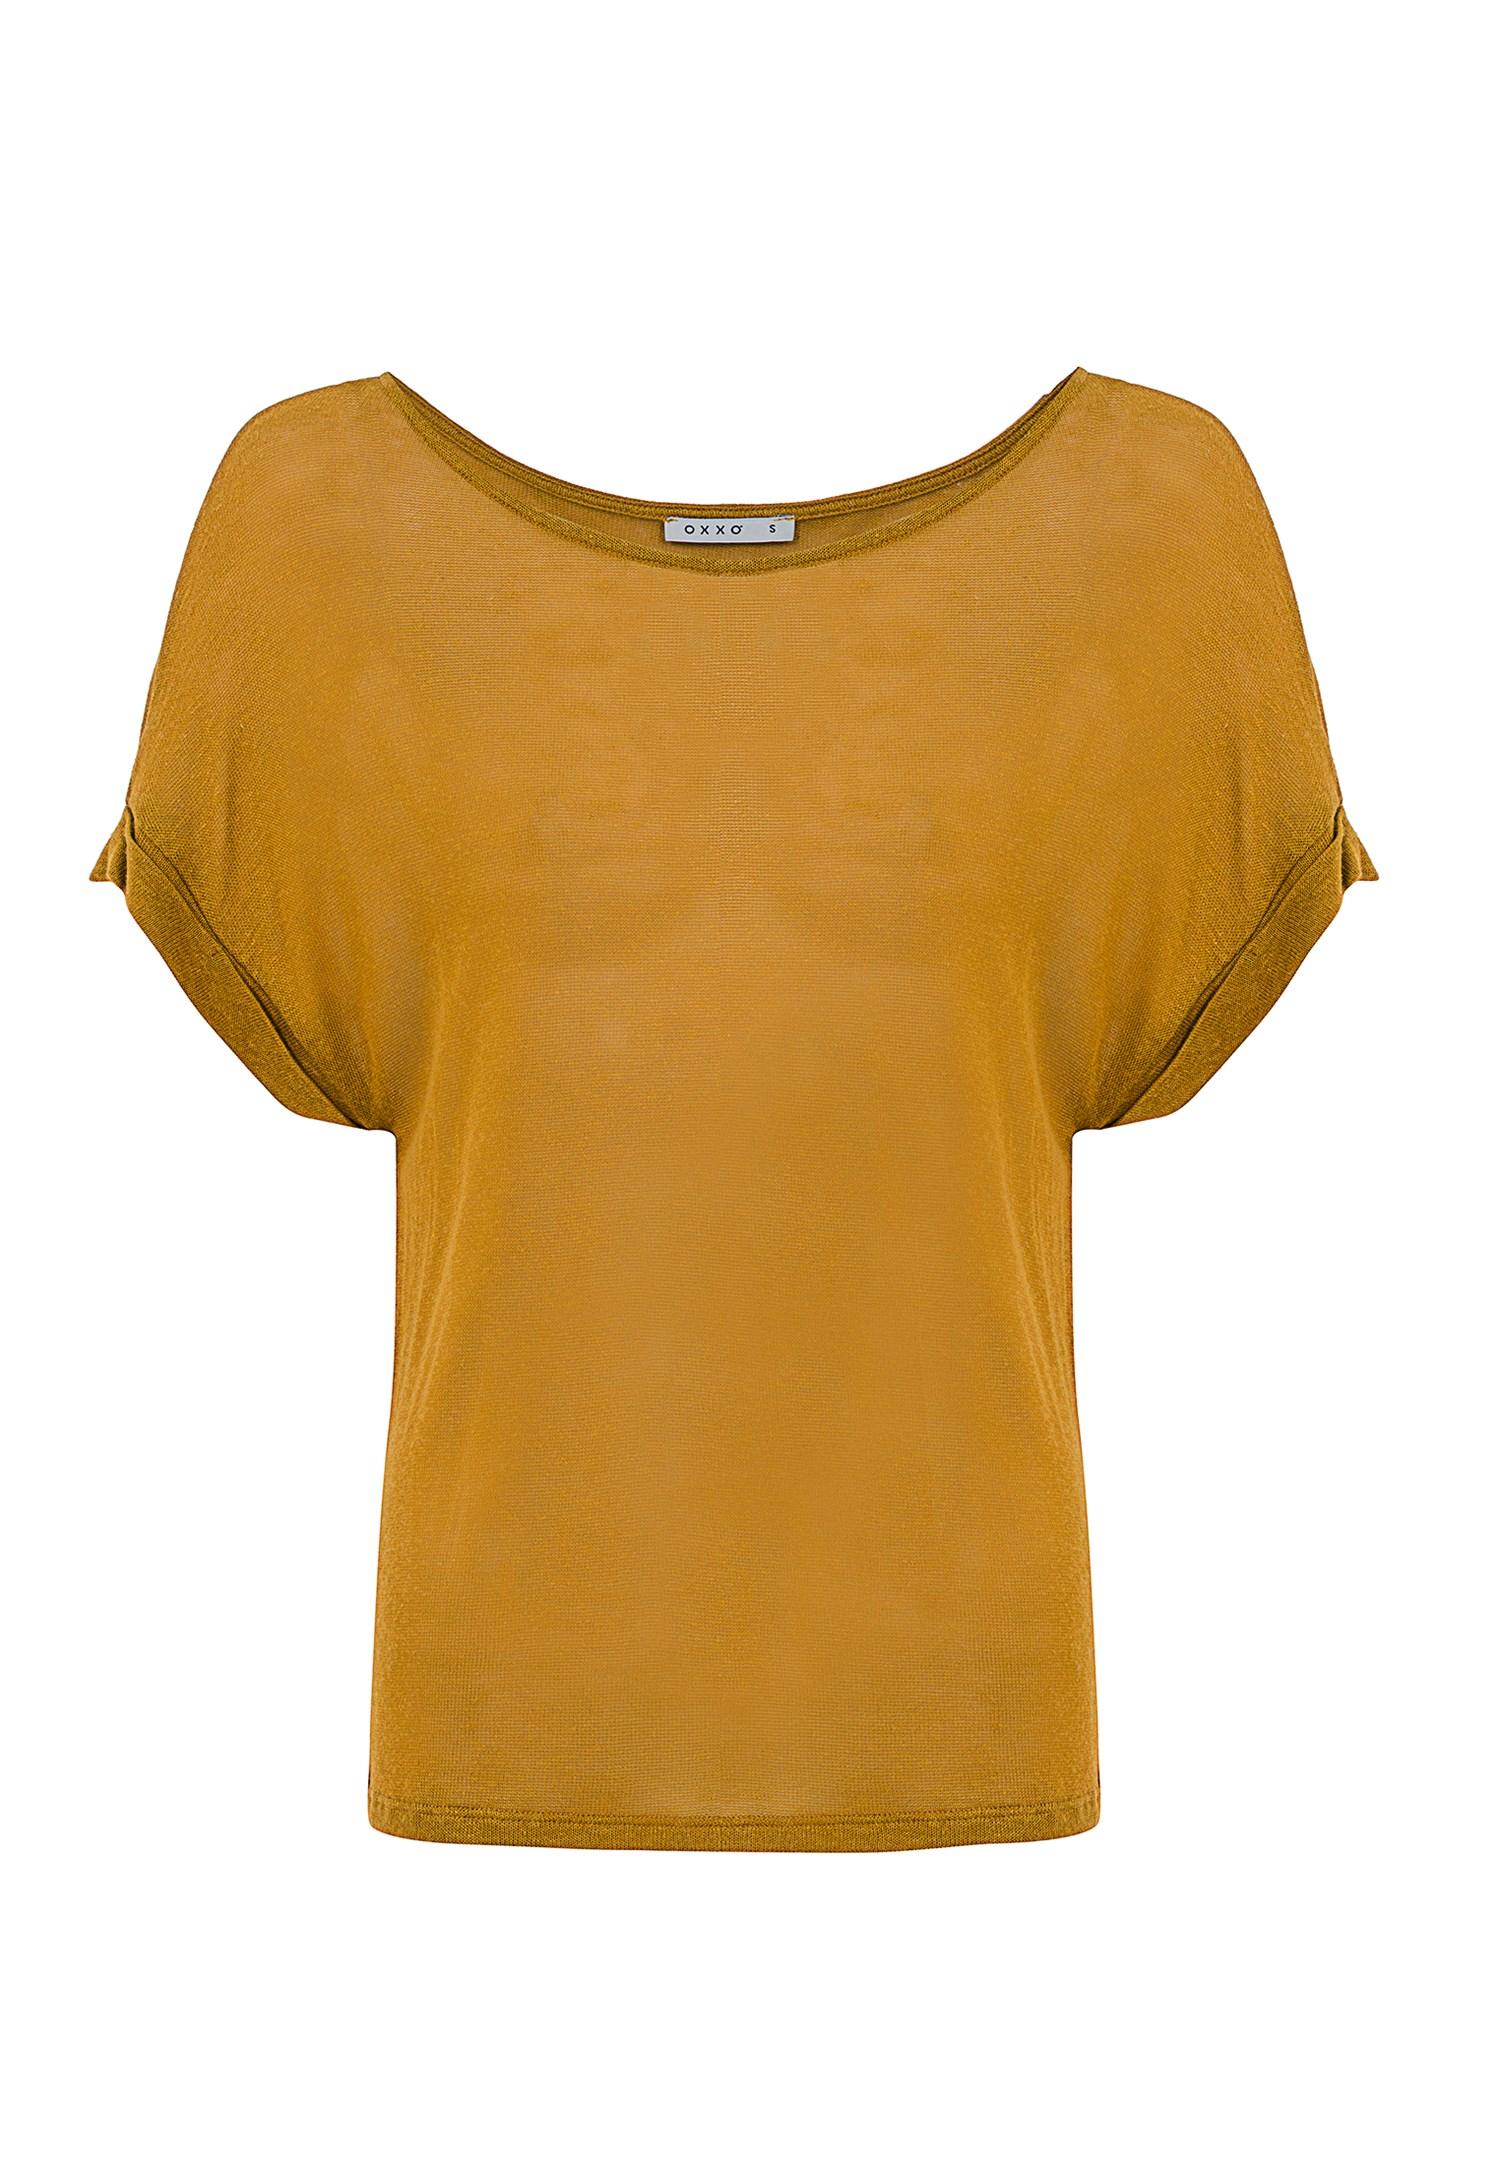 Bayan Sarı Bot Yaka Keten Tişört